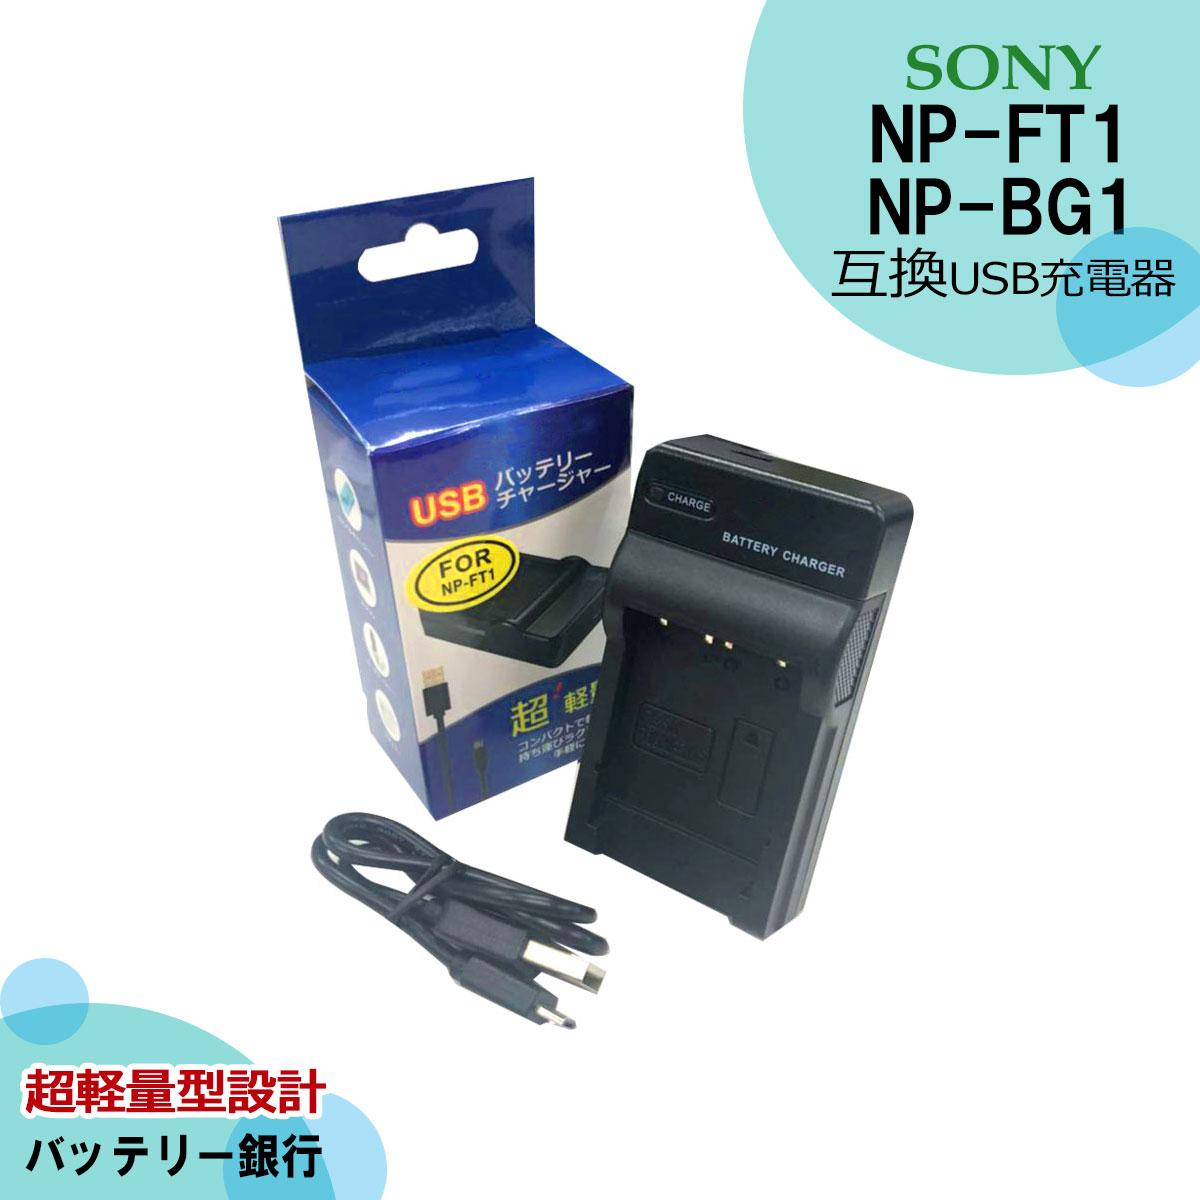 互換充電器 6ヶ月保証 NP-FT1 NP-BG1 あす楽対応 互換USB充電器 ソニーサイバーショットDSC-W120 DSC-H10 DSC-W300 DSC-W110 無料 DSC-HC50 DSC-T1 DSC-W220 DSC-HX5V DSC-T9 DSC-T10 DSC-T11 DSC-WX1 DSC-T3 DSC-W270 DSC-T5 予約販売品 DSC-T33